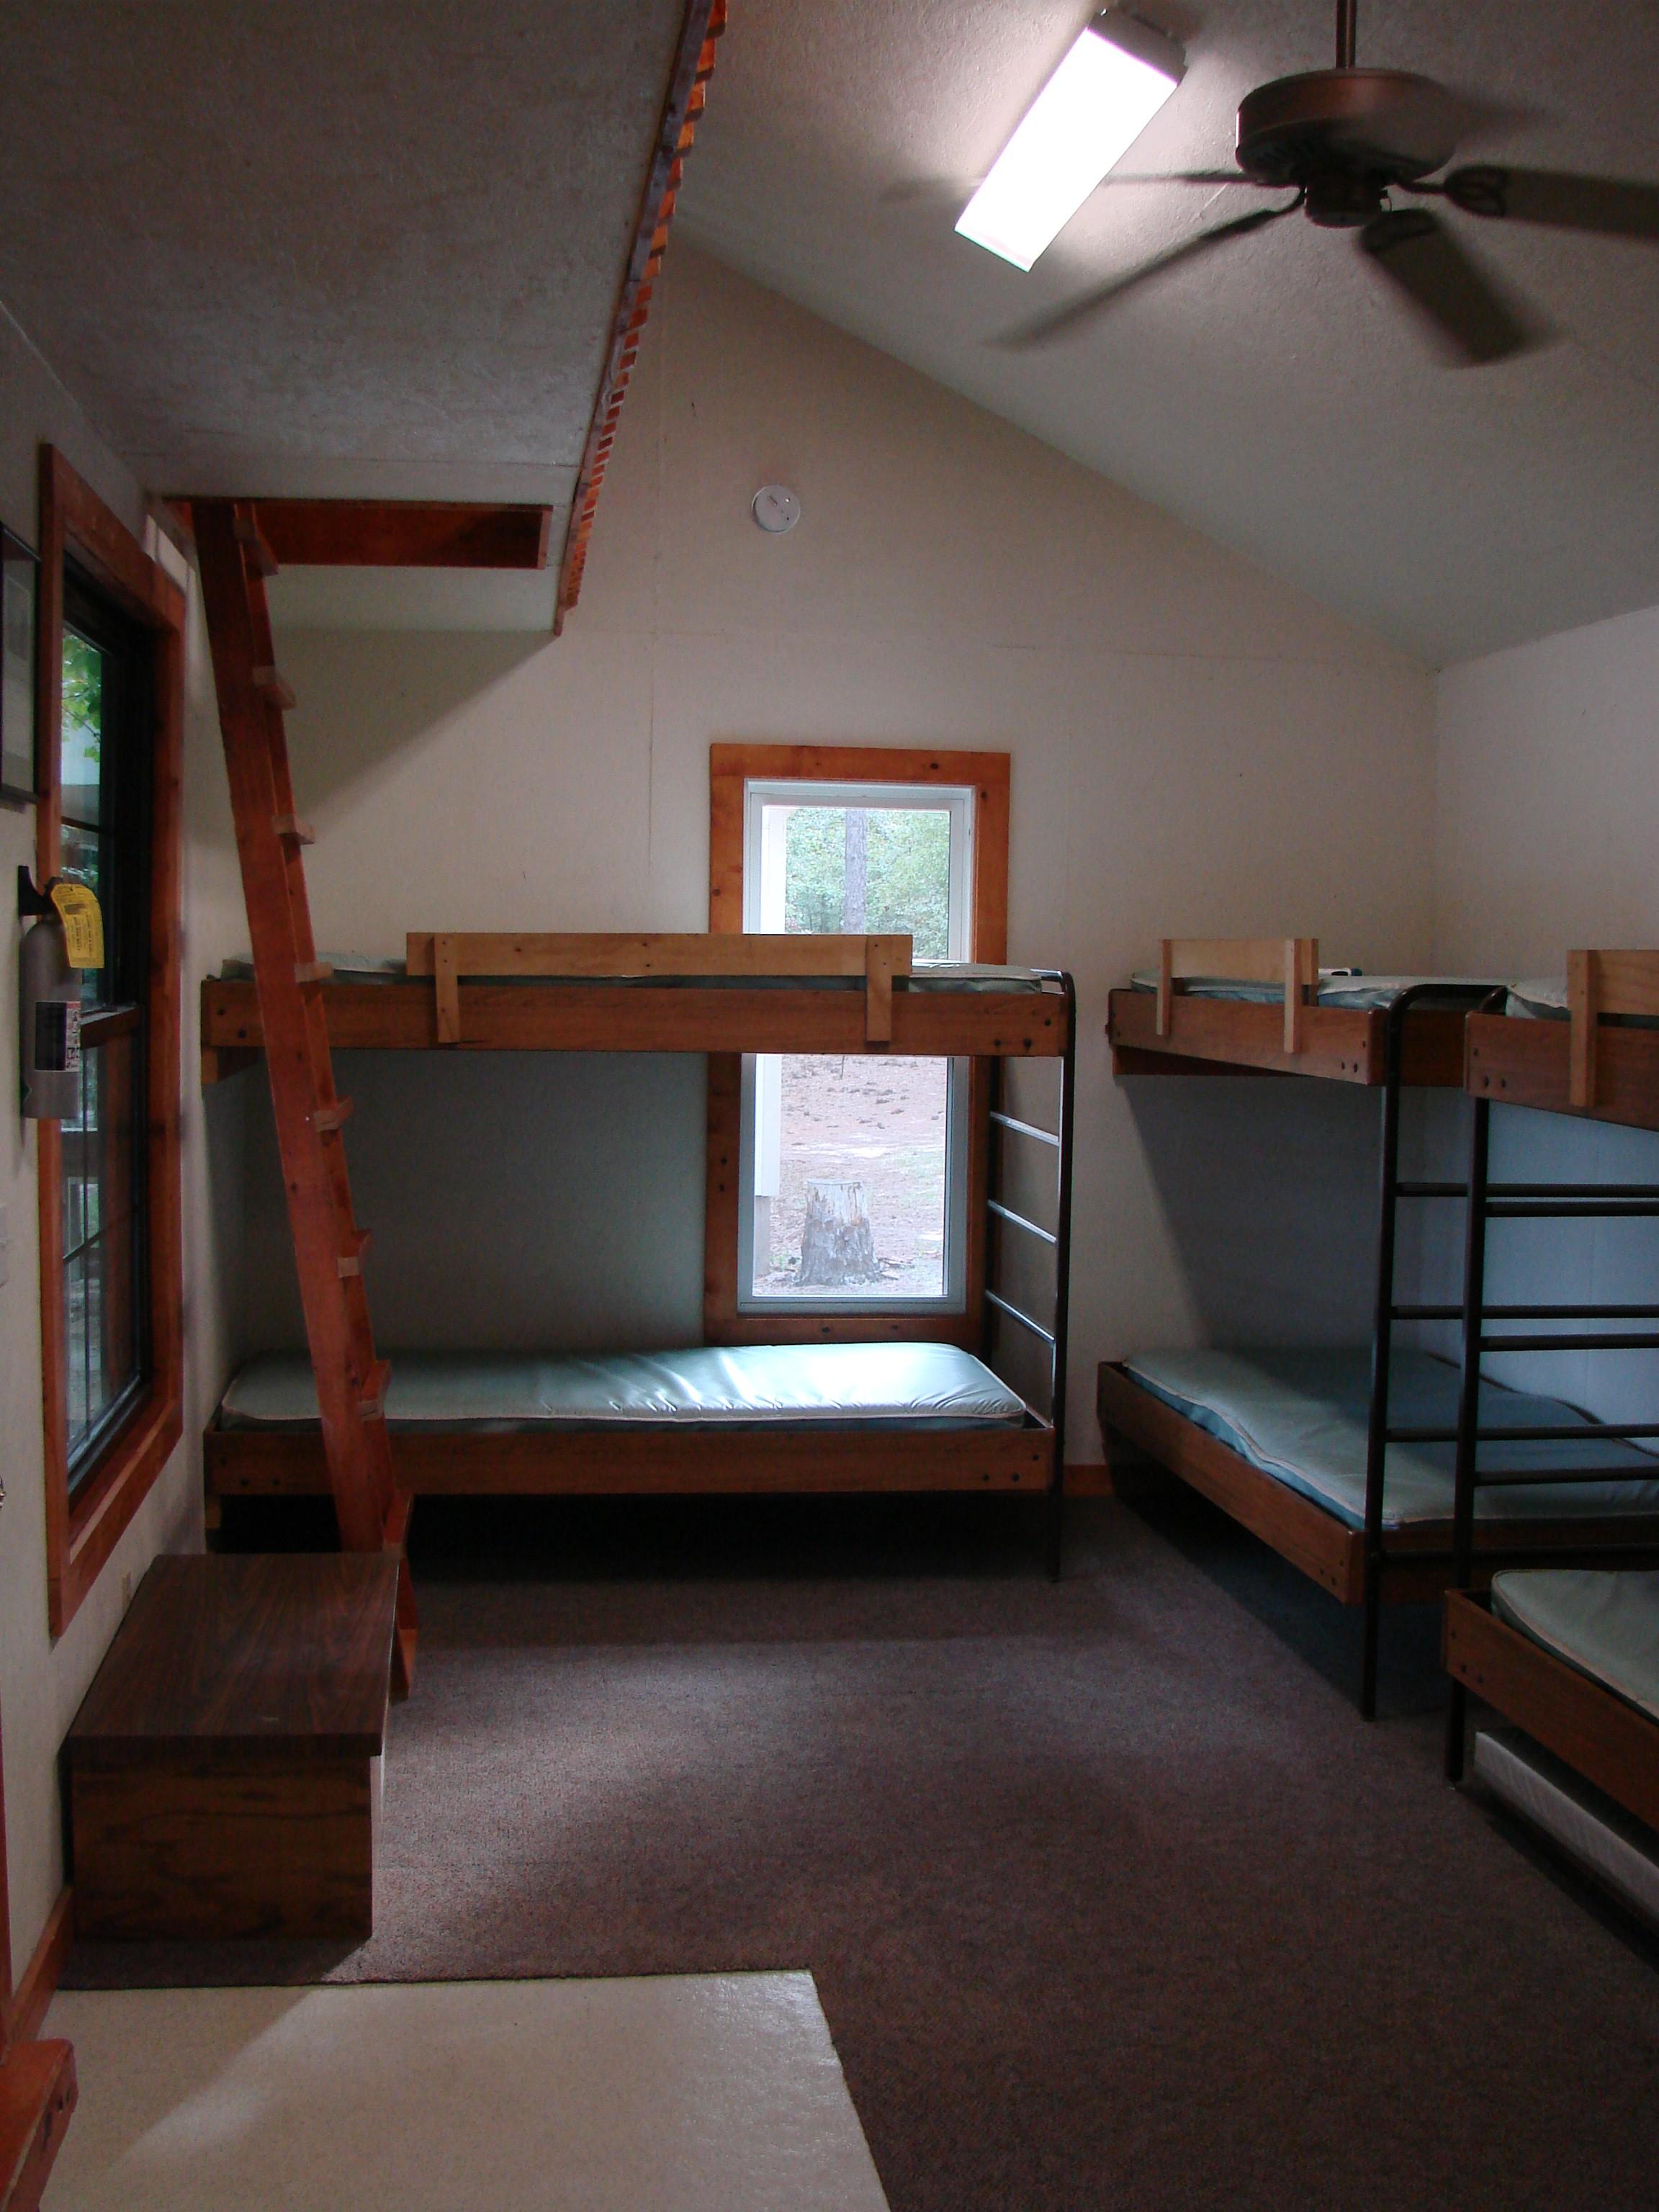 Cabin-inside-e1348067935135.jpg